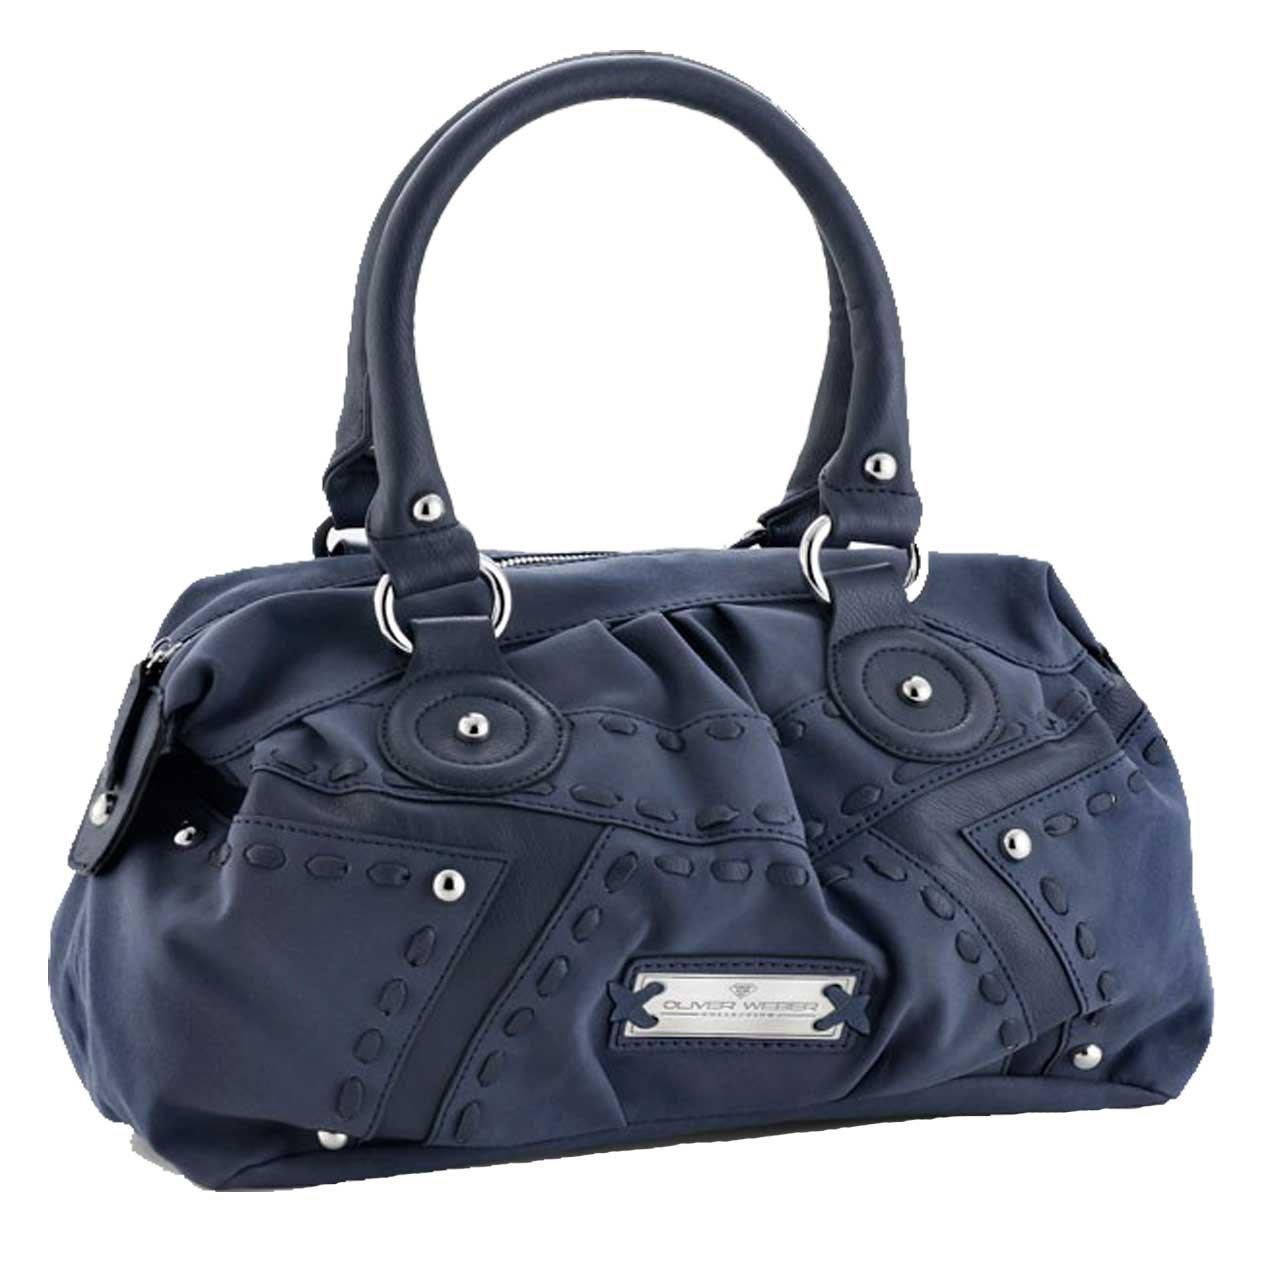 کیف دستی چرم الیوروبر مدل پرایم blu 71030